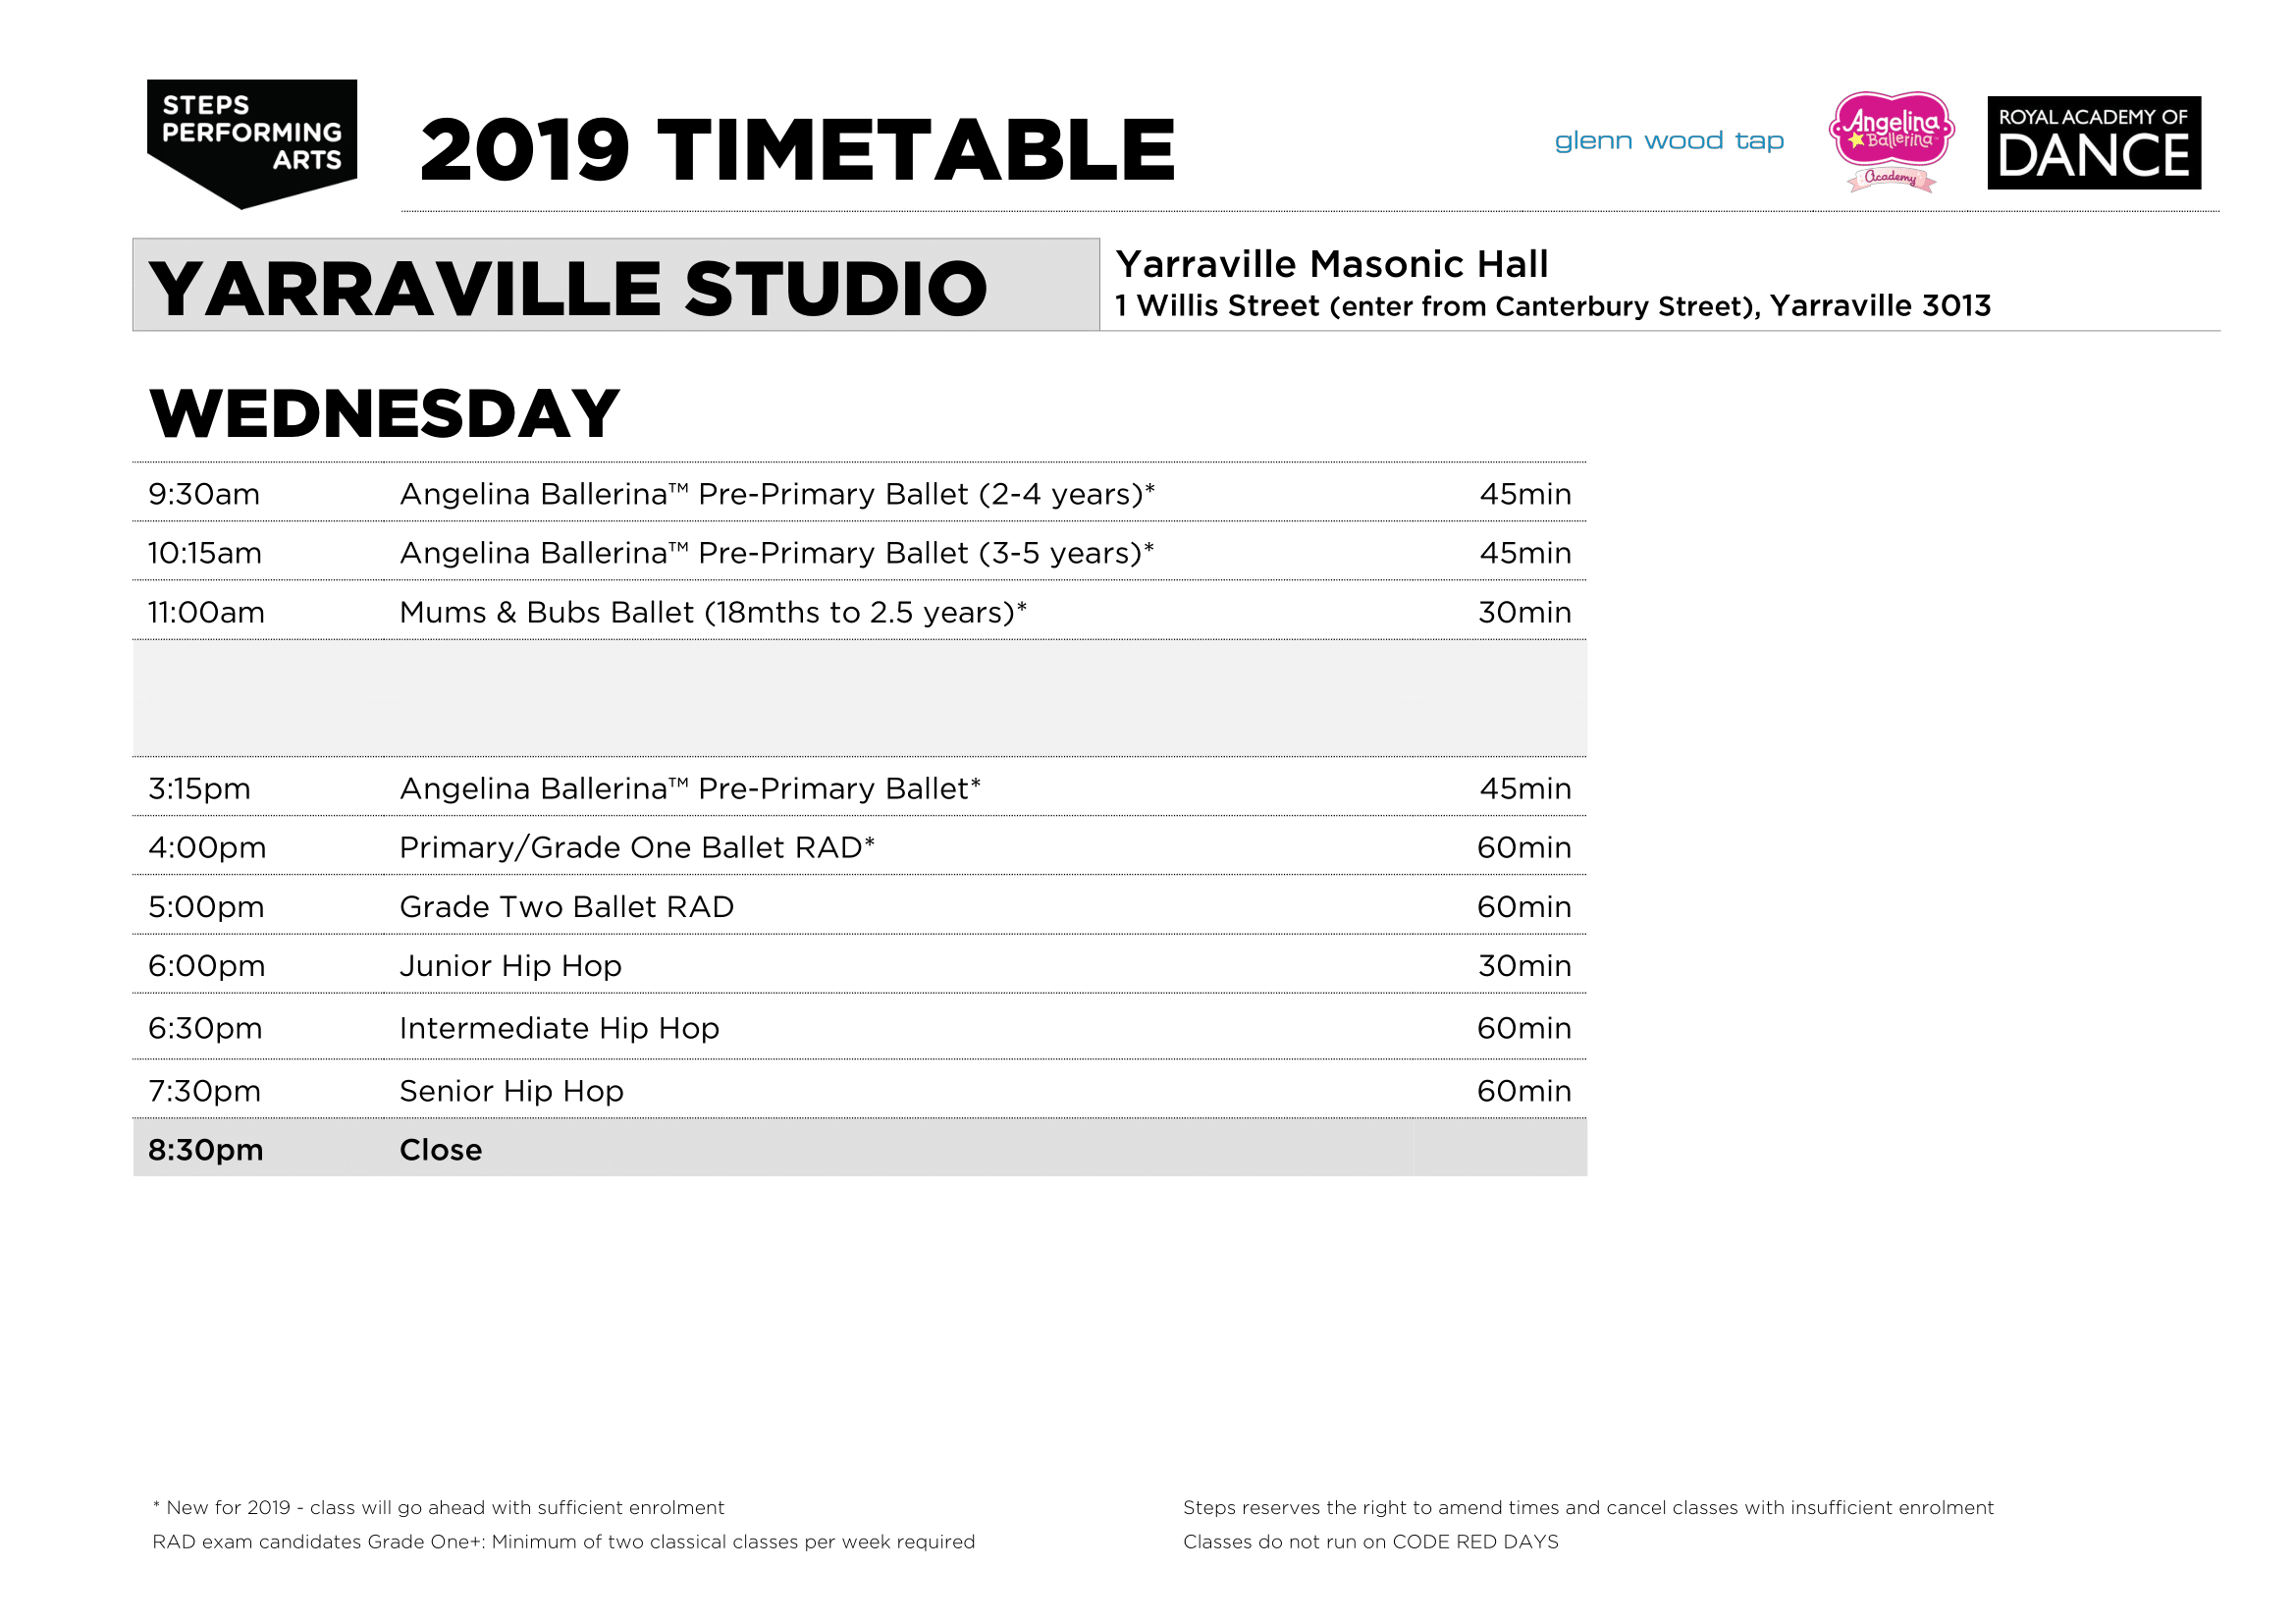 Steps_Timetable_2019_YARRAVILLE_v0-3_WED.png